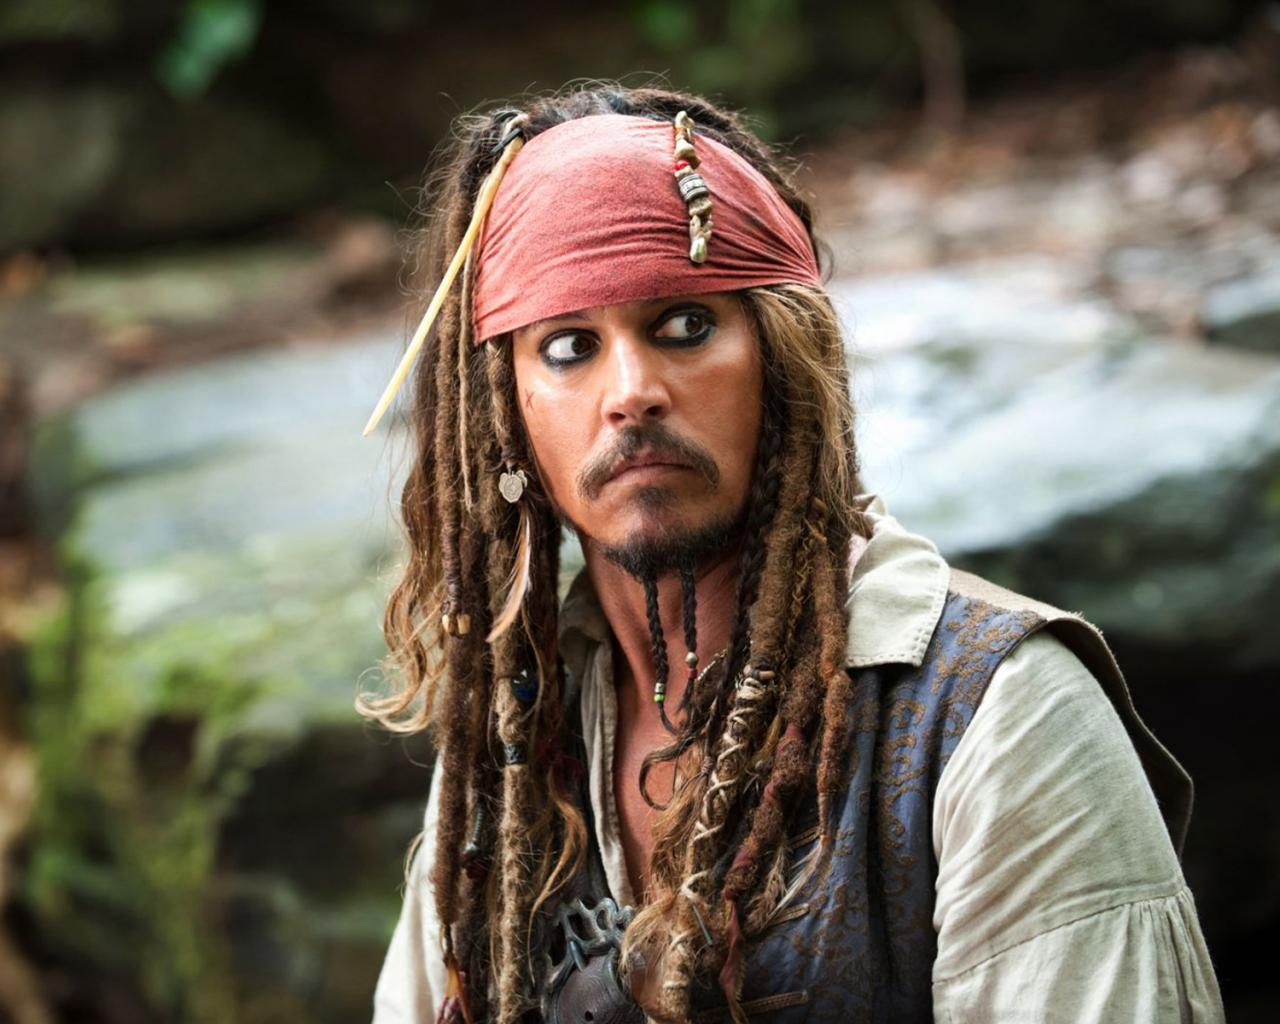 Джонни Депп поведал, что его чуть не сократили из«Пиратов Карибского моря»